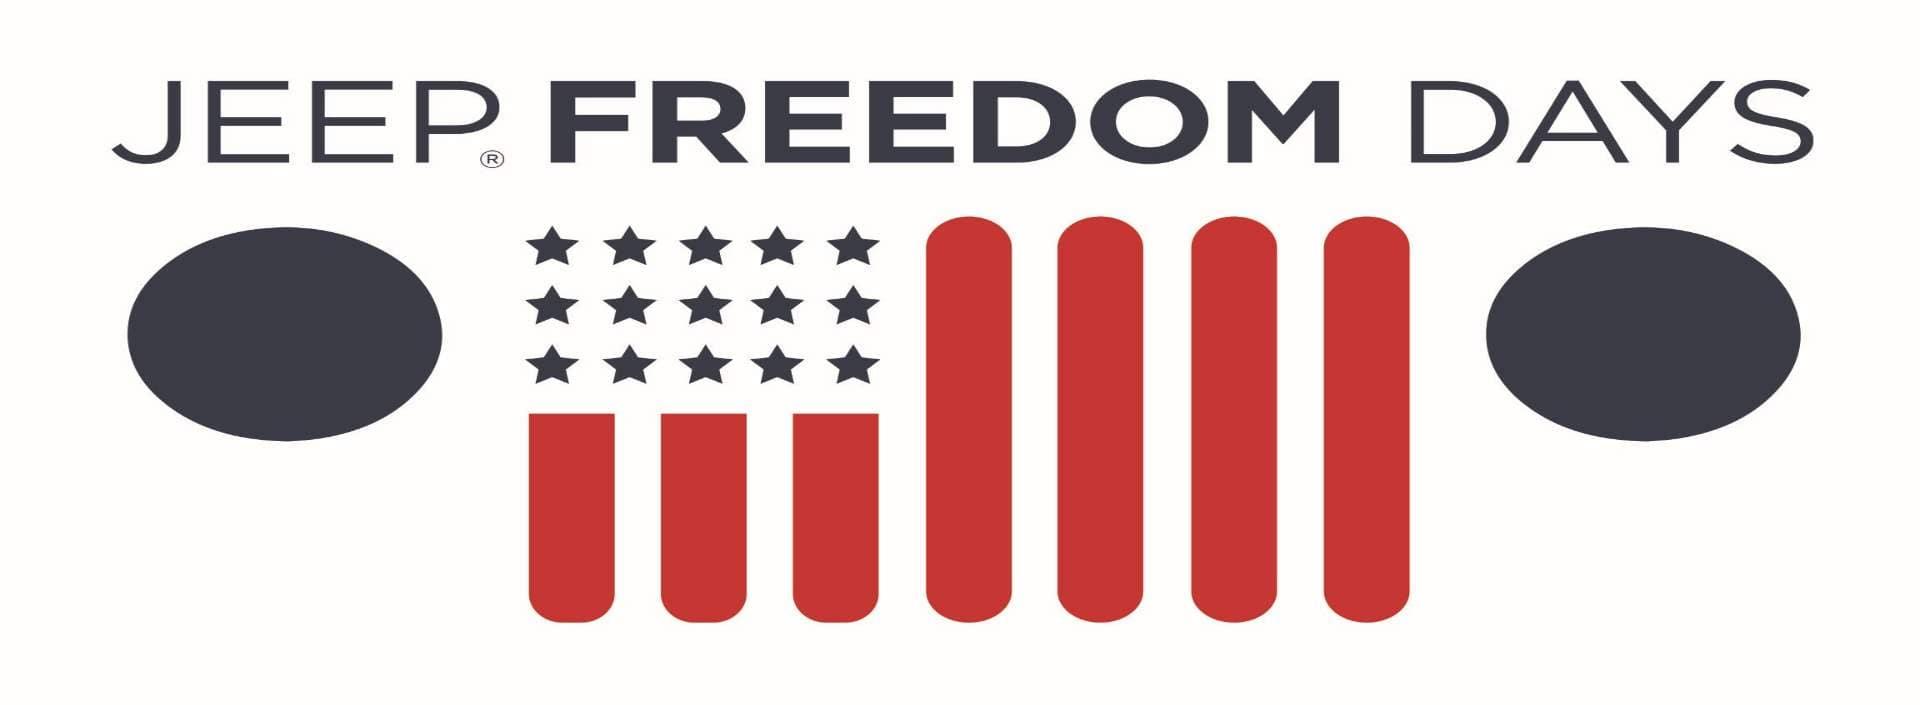 Jeep Freedom days